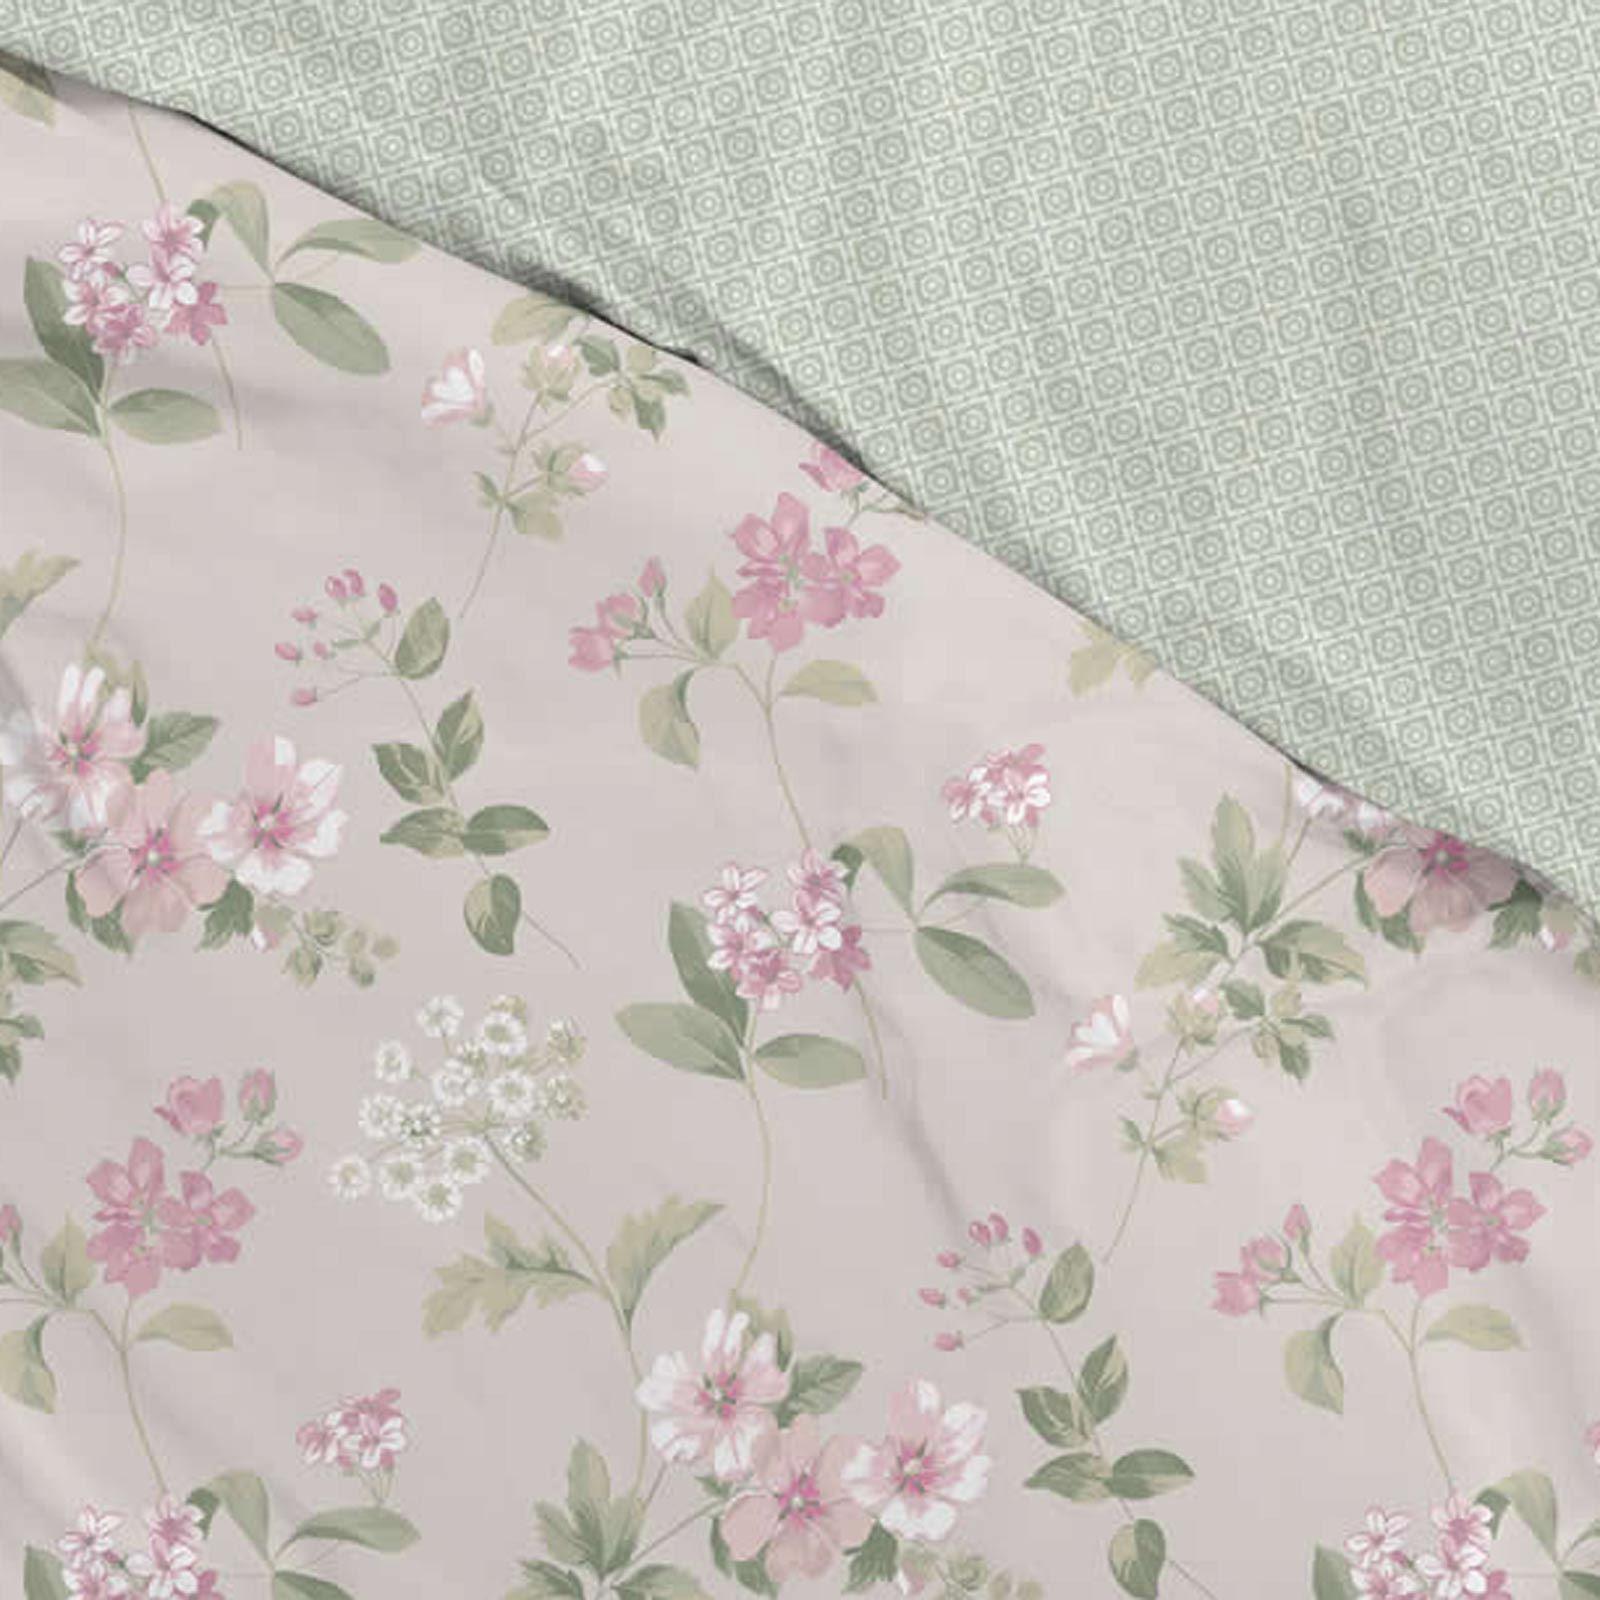 Floral-Fundas-nordicas-Lorena-Vintage-Estampado-De-Flores-conjuntos-de-ropa-de-cama-de-edredon-de miniatura 4